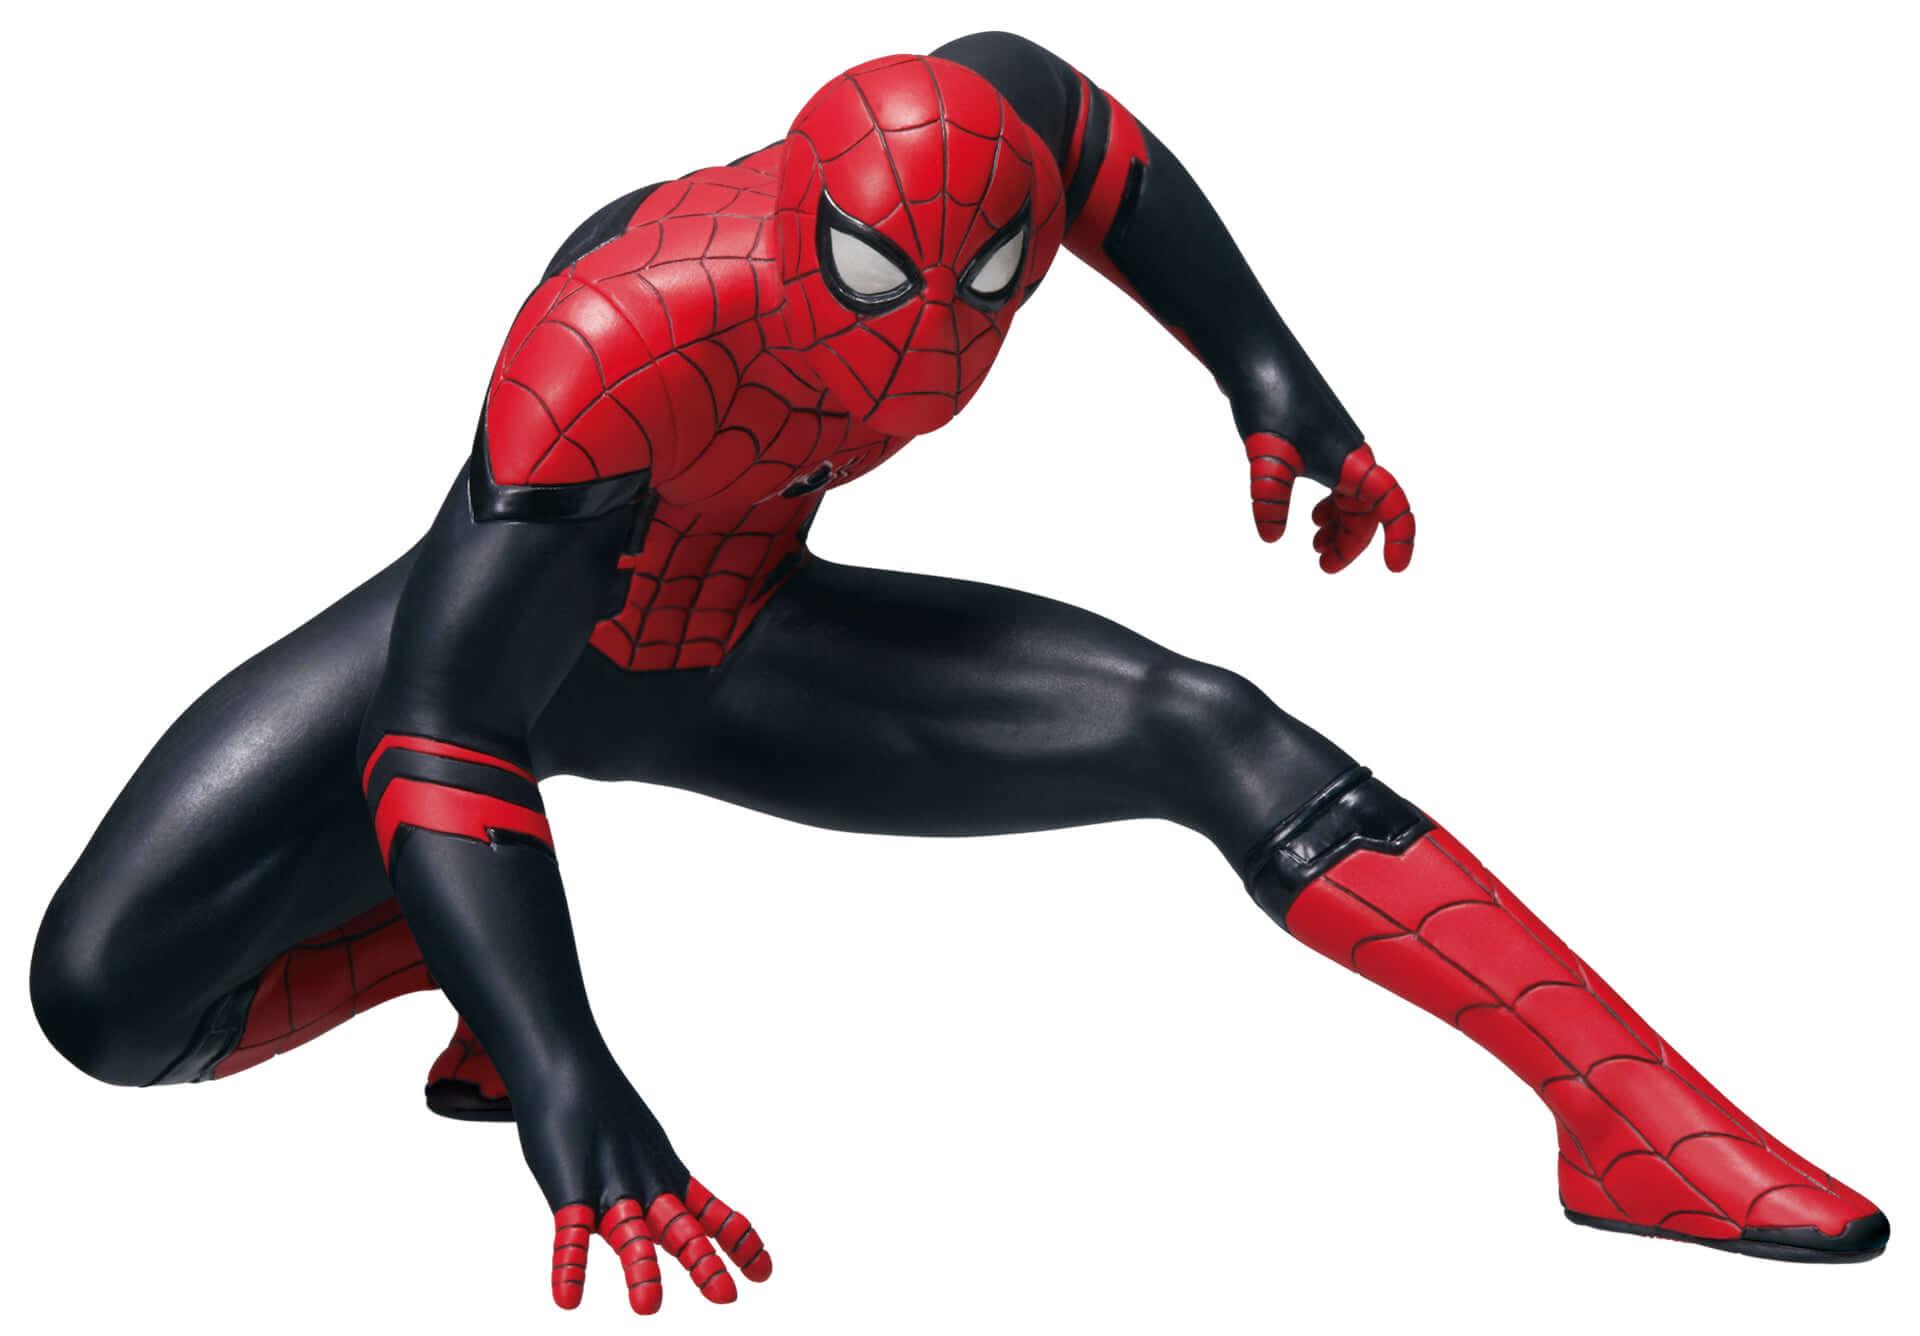 映画「スパイダーマン」最新作の超レアグッズが当たる!Happyくじ『スパイダーマン:ファー・フロム・ホーム』登場 art190628_spiderman_lot_1-1920x1336